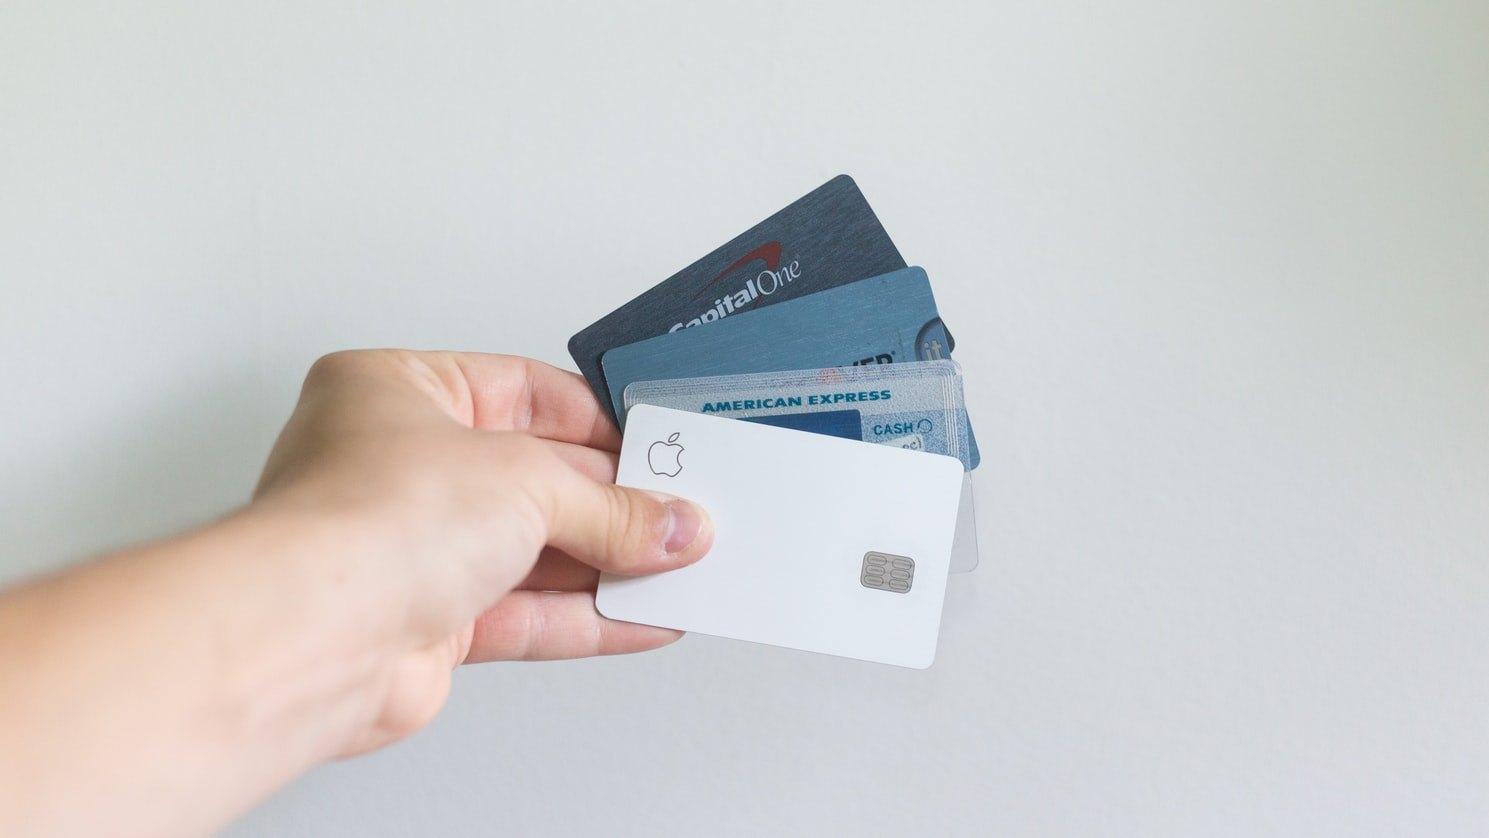 Carte de Crédit CIC - Apprenez en Plus à Propos des Retraits Hautes Limites et les Autres Caractéristiques